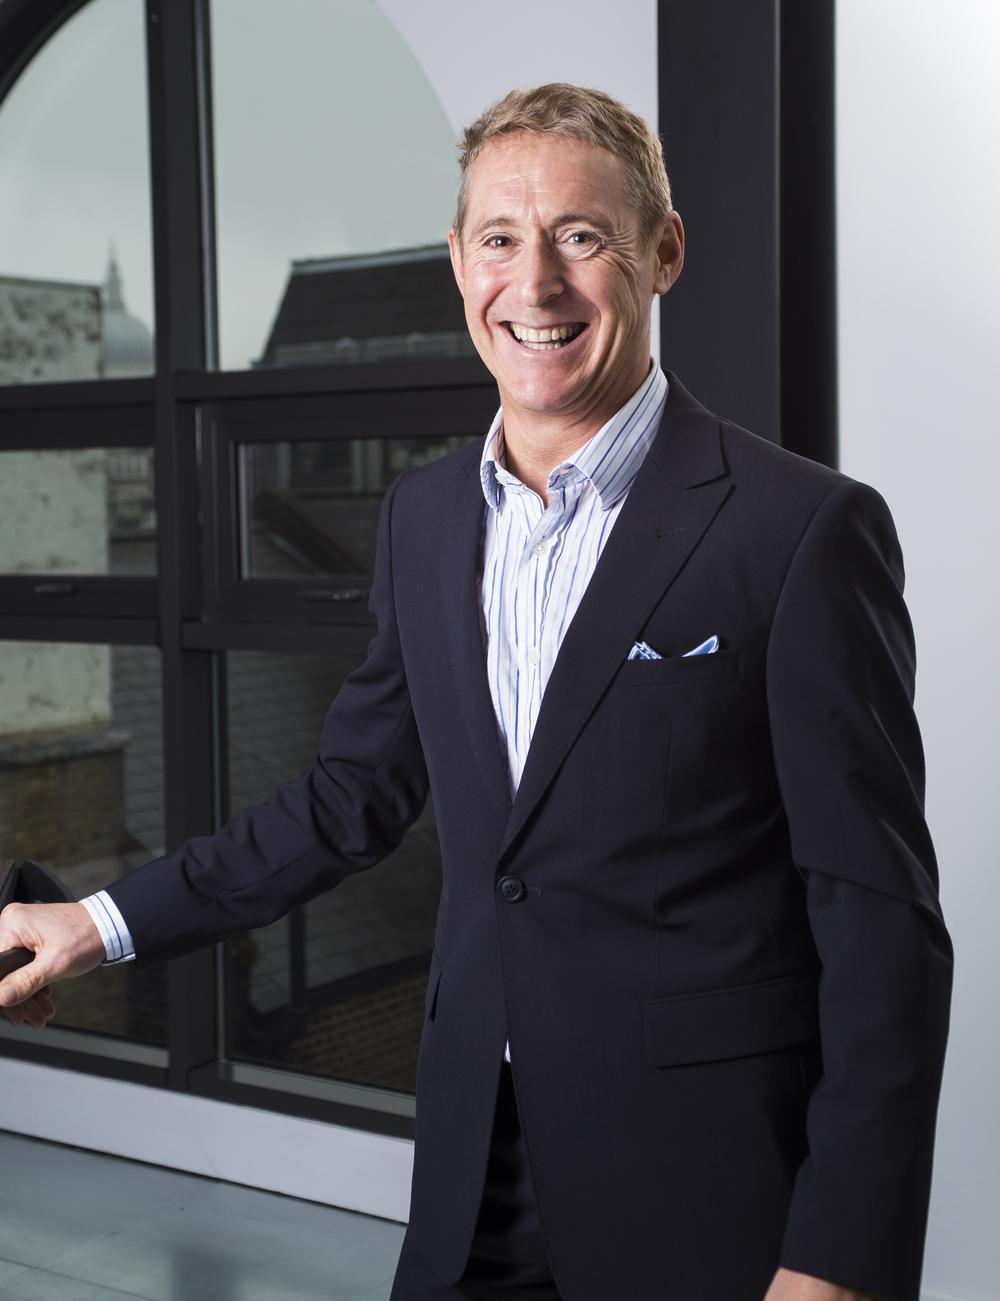 Russell Abrahams Senior Partner